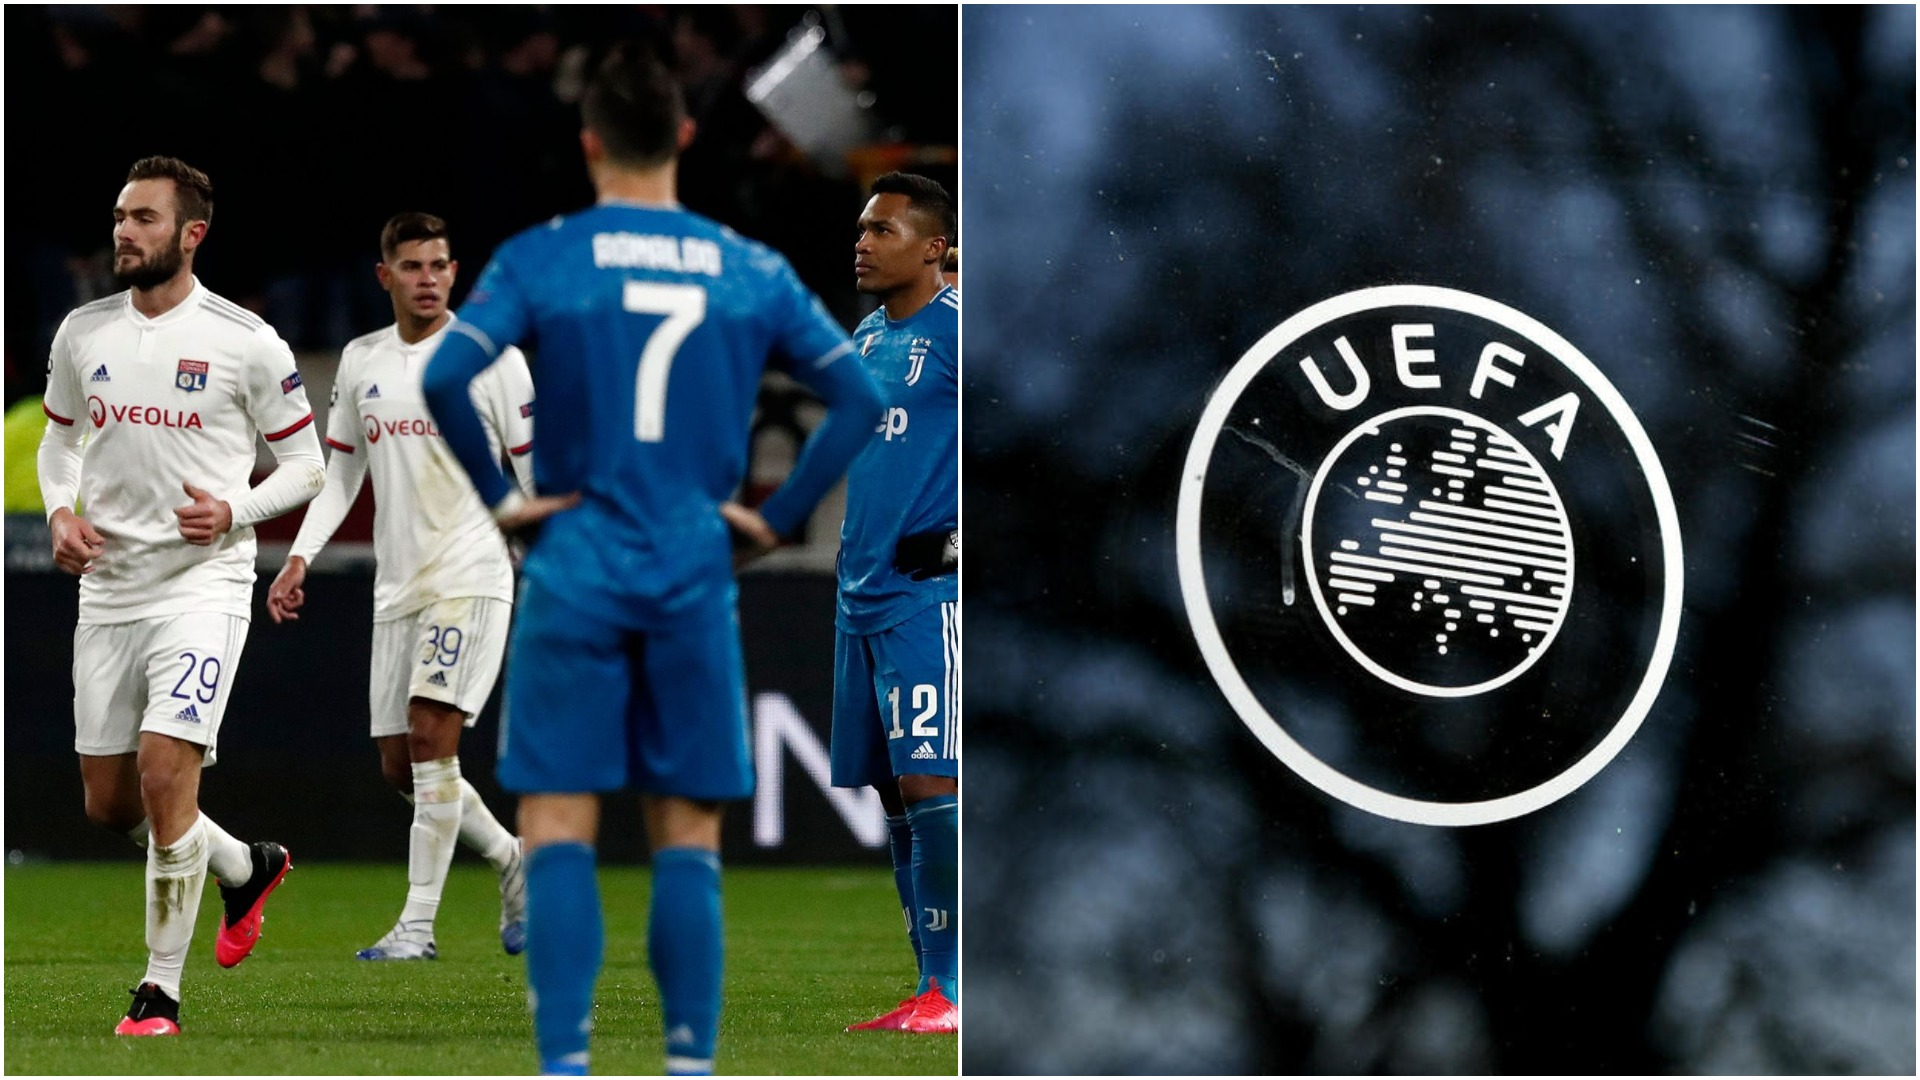 UEFA zbulon treshen kandidate për lojtarin e vitit, dominim gjerman